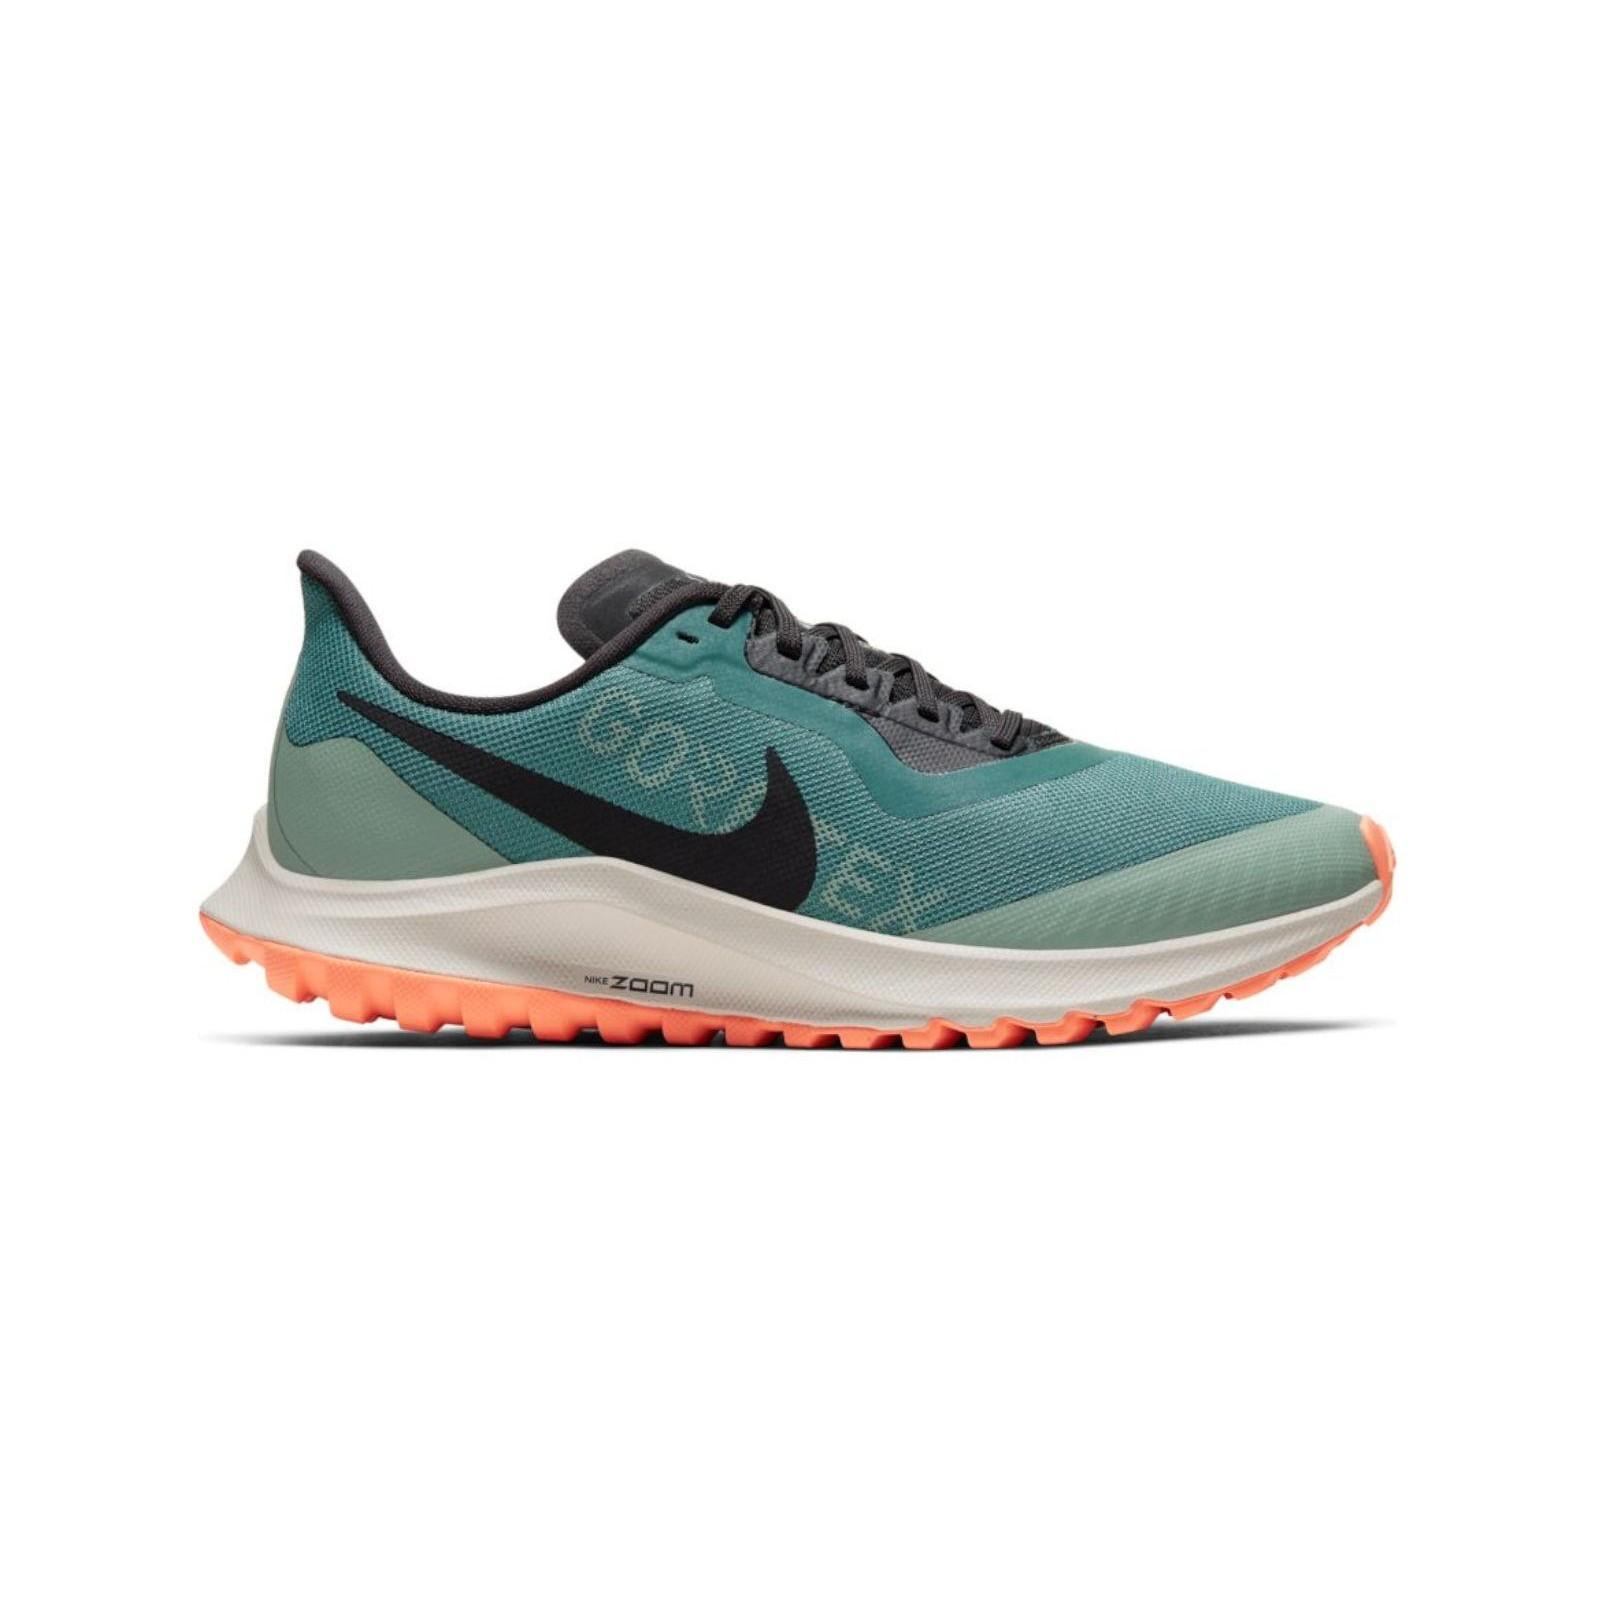 Igualmente eficientemente Pocos  Nike-PEGASUS 36 TRAIL MUJER GTX NIKBV7763300